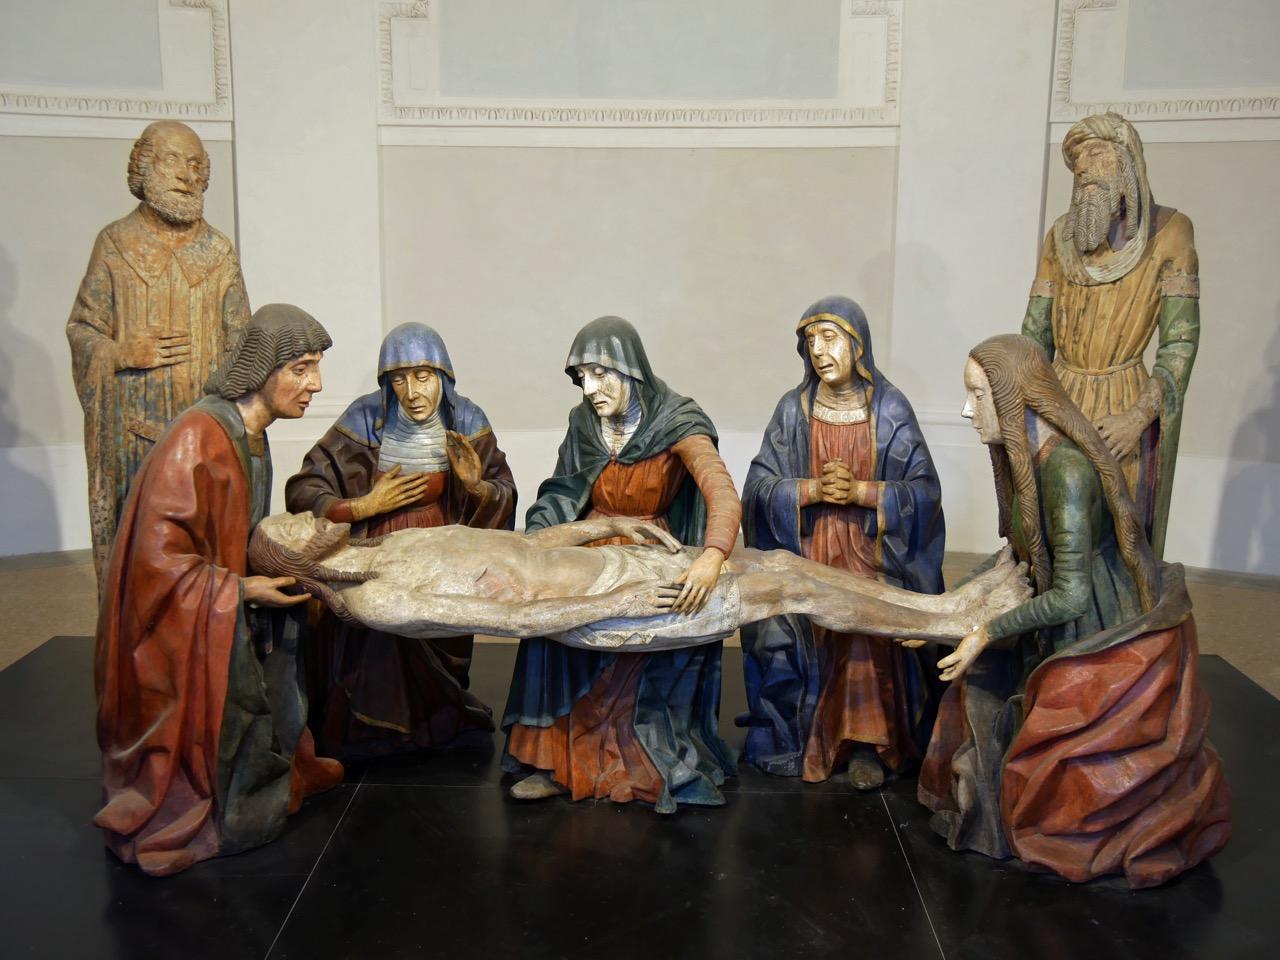 Kapelle der Beweinung Christi mit Figurengruppe aus Holz (Meister von Santa Maria Maggiore, vor 1485)